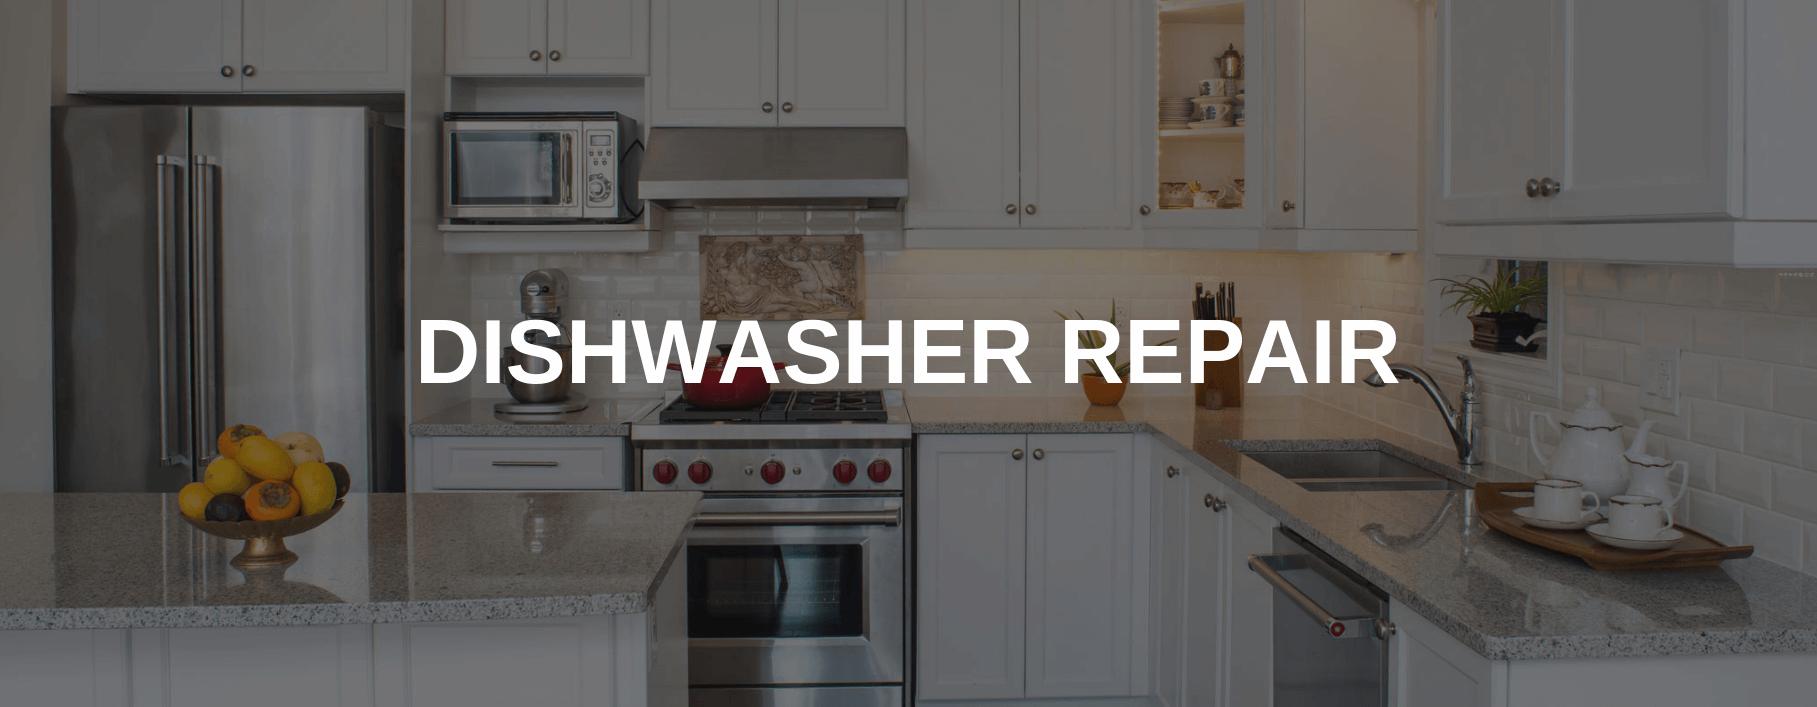 dishwasher repair bowie